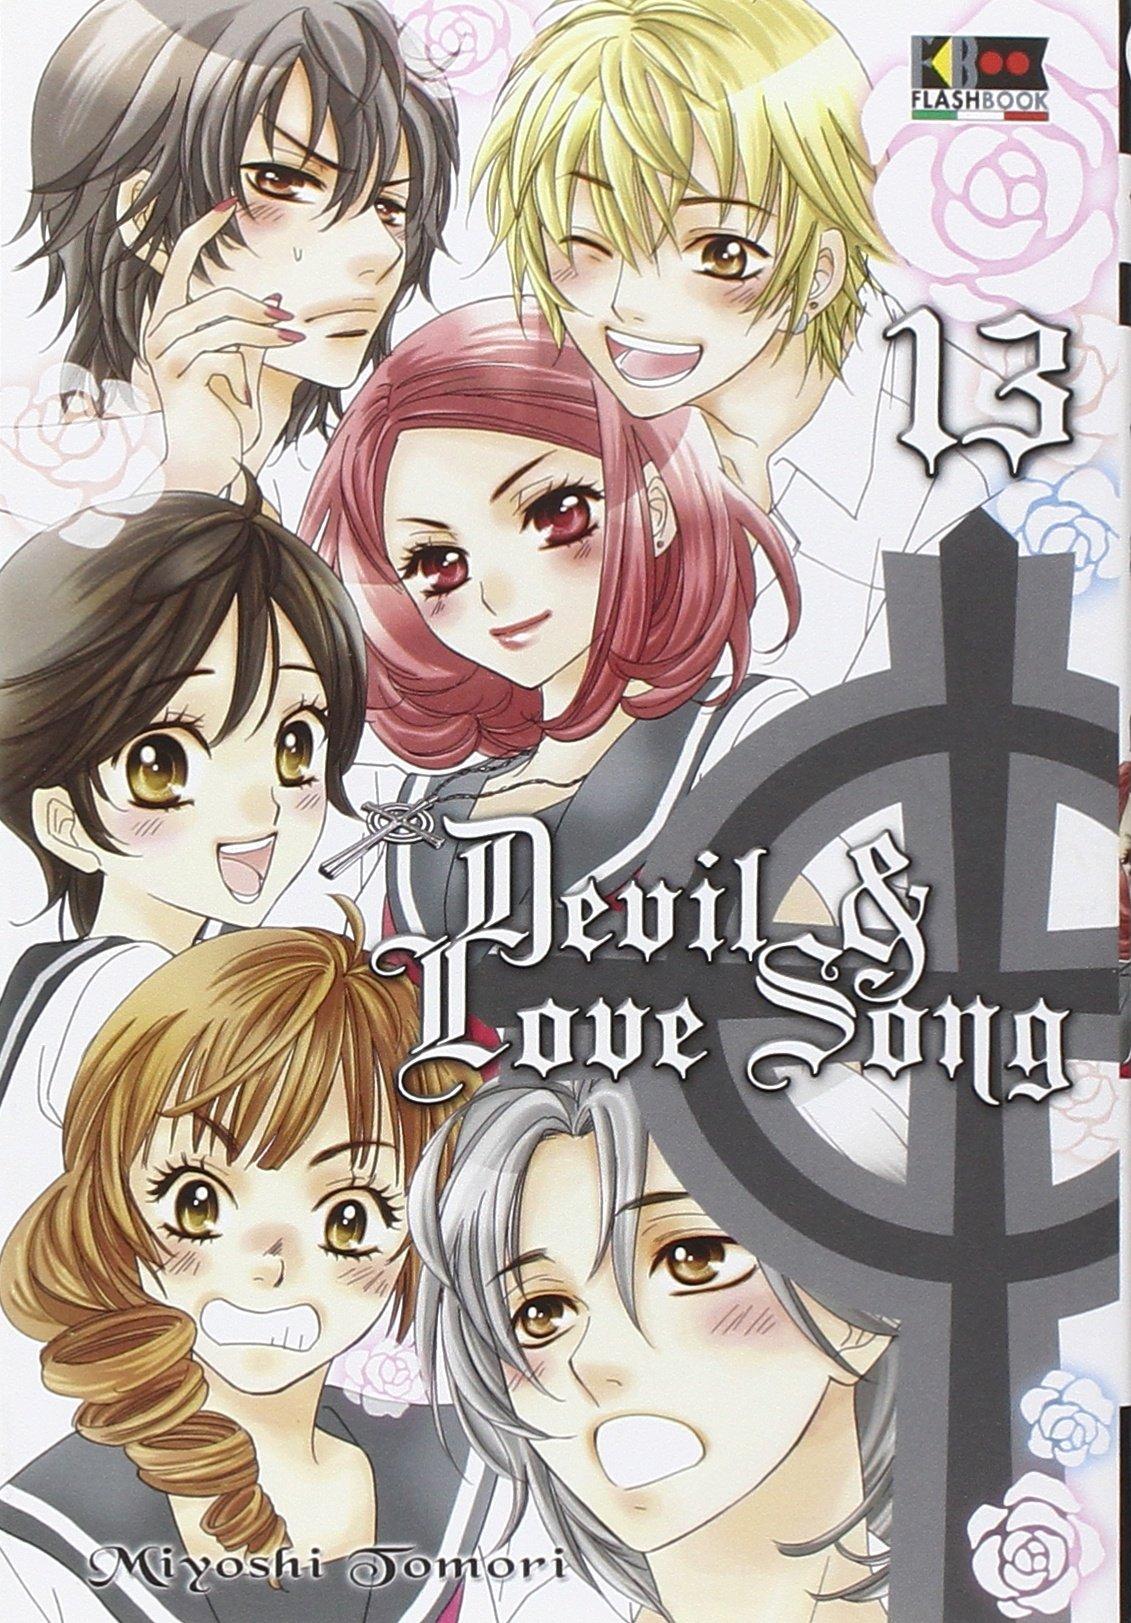 Libri Devil & Love Song Vol 13 NUOVO SIGILLATO, EDIZIONE DEL 05/10/2012 SUBITO DISPONIBILE